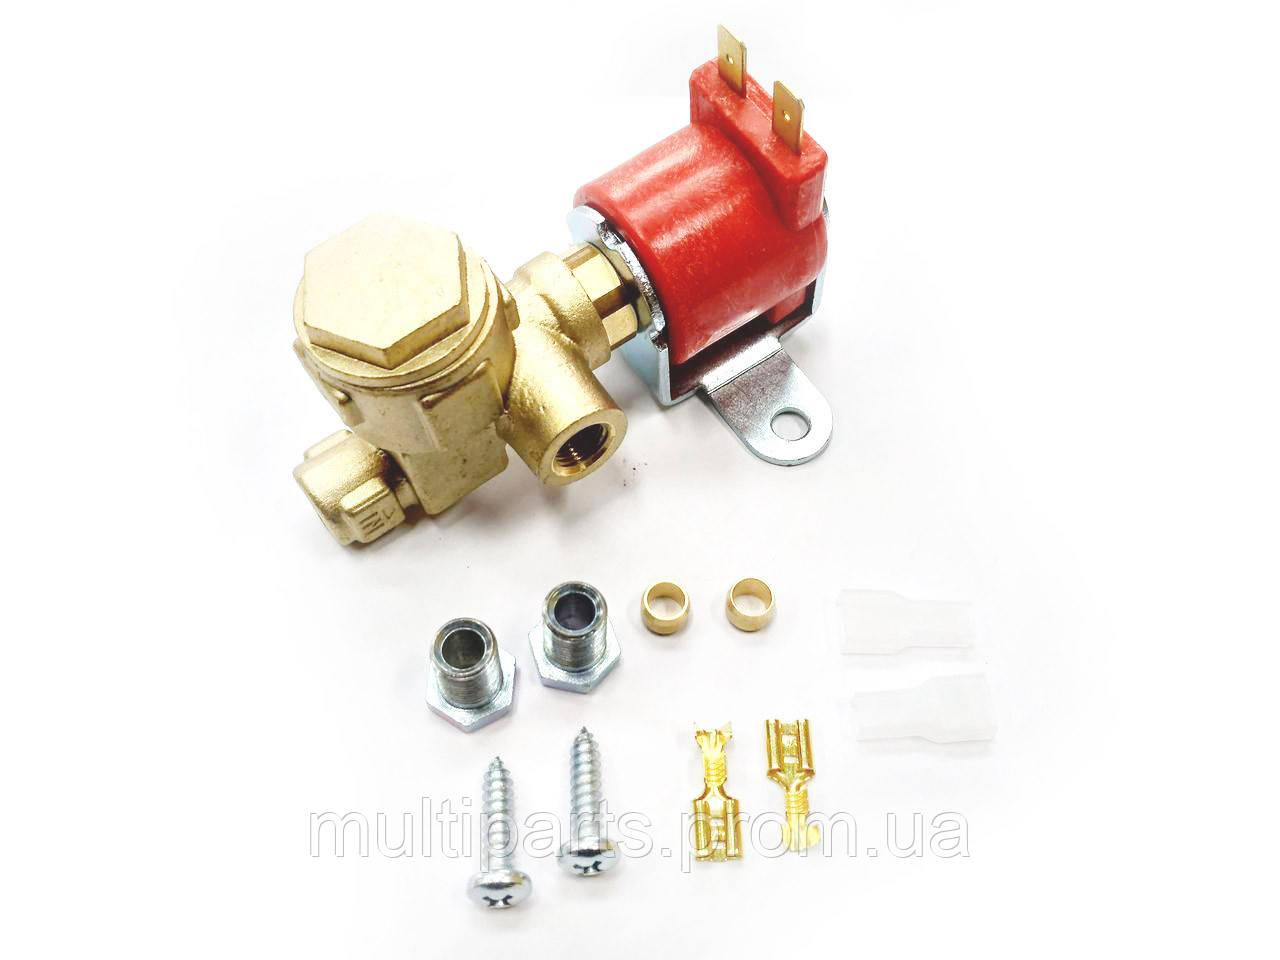 Электромагнитный клапан газа ASTAR GAS угловой вх. вых. 6 мм